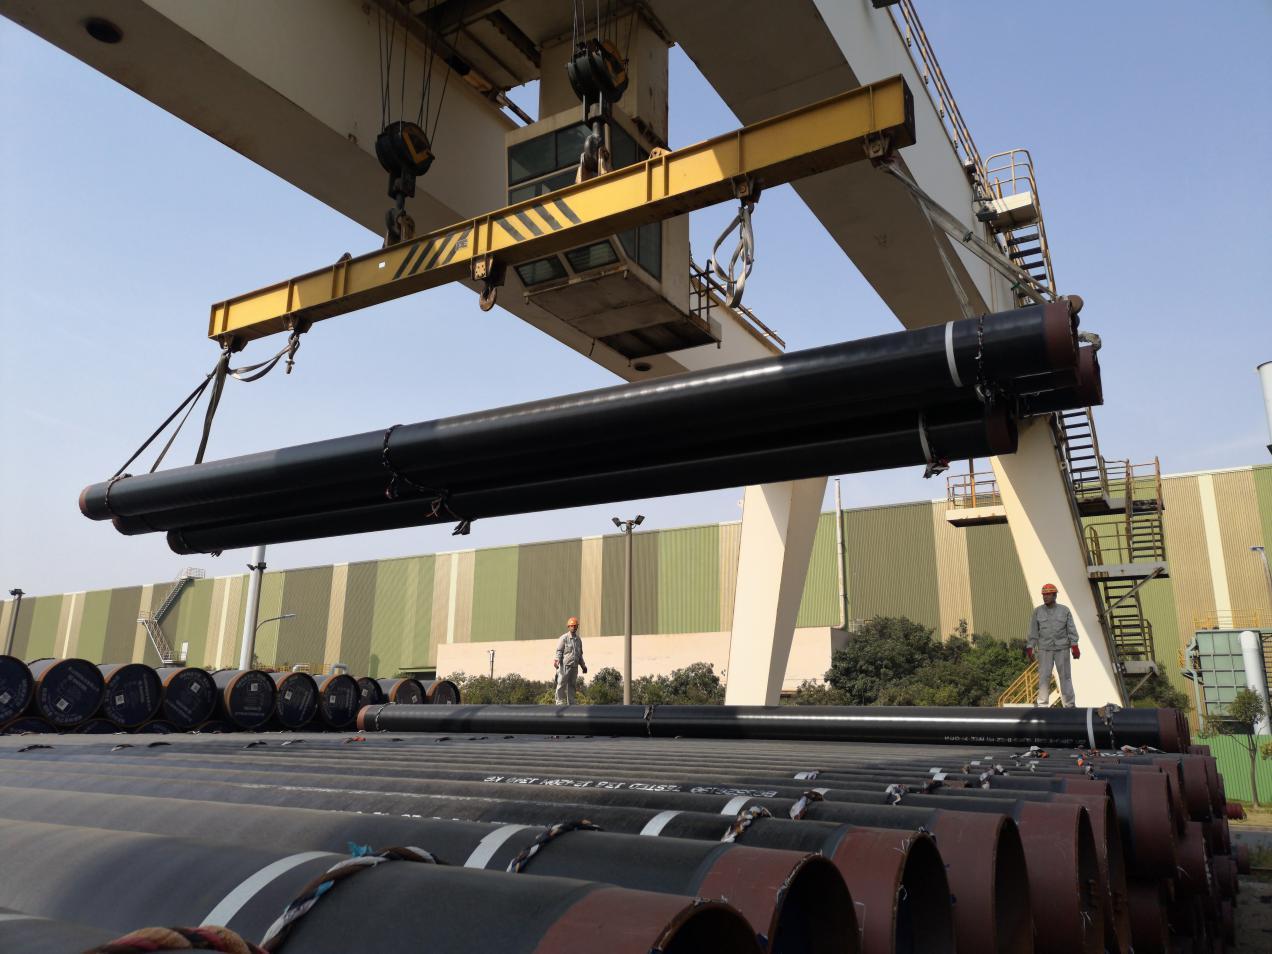 中冶宝钢顺利完成出口伊拉克焊管的集港任务